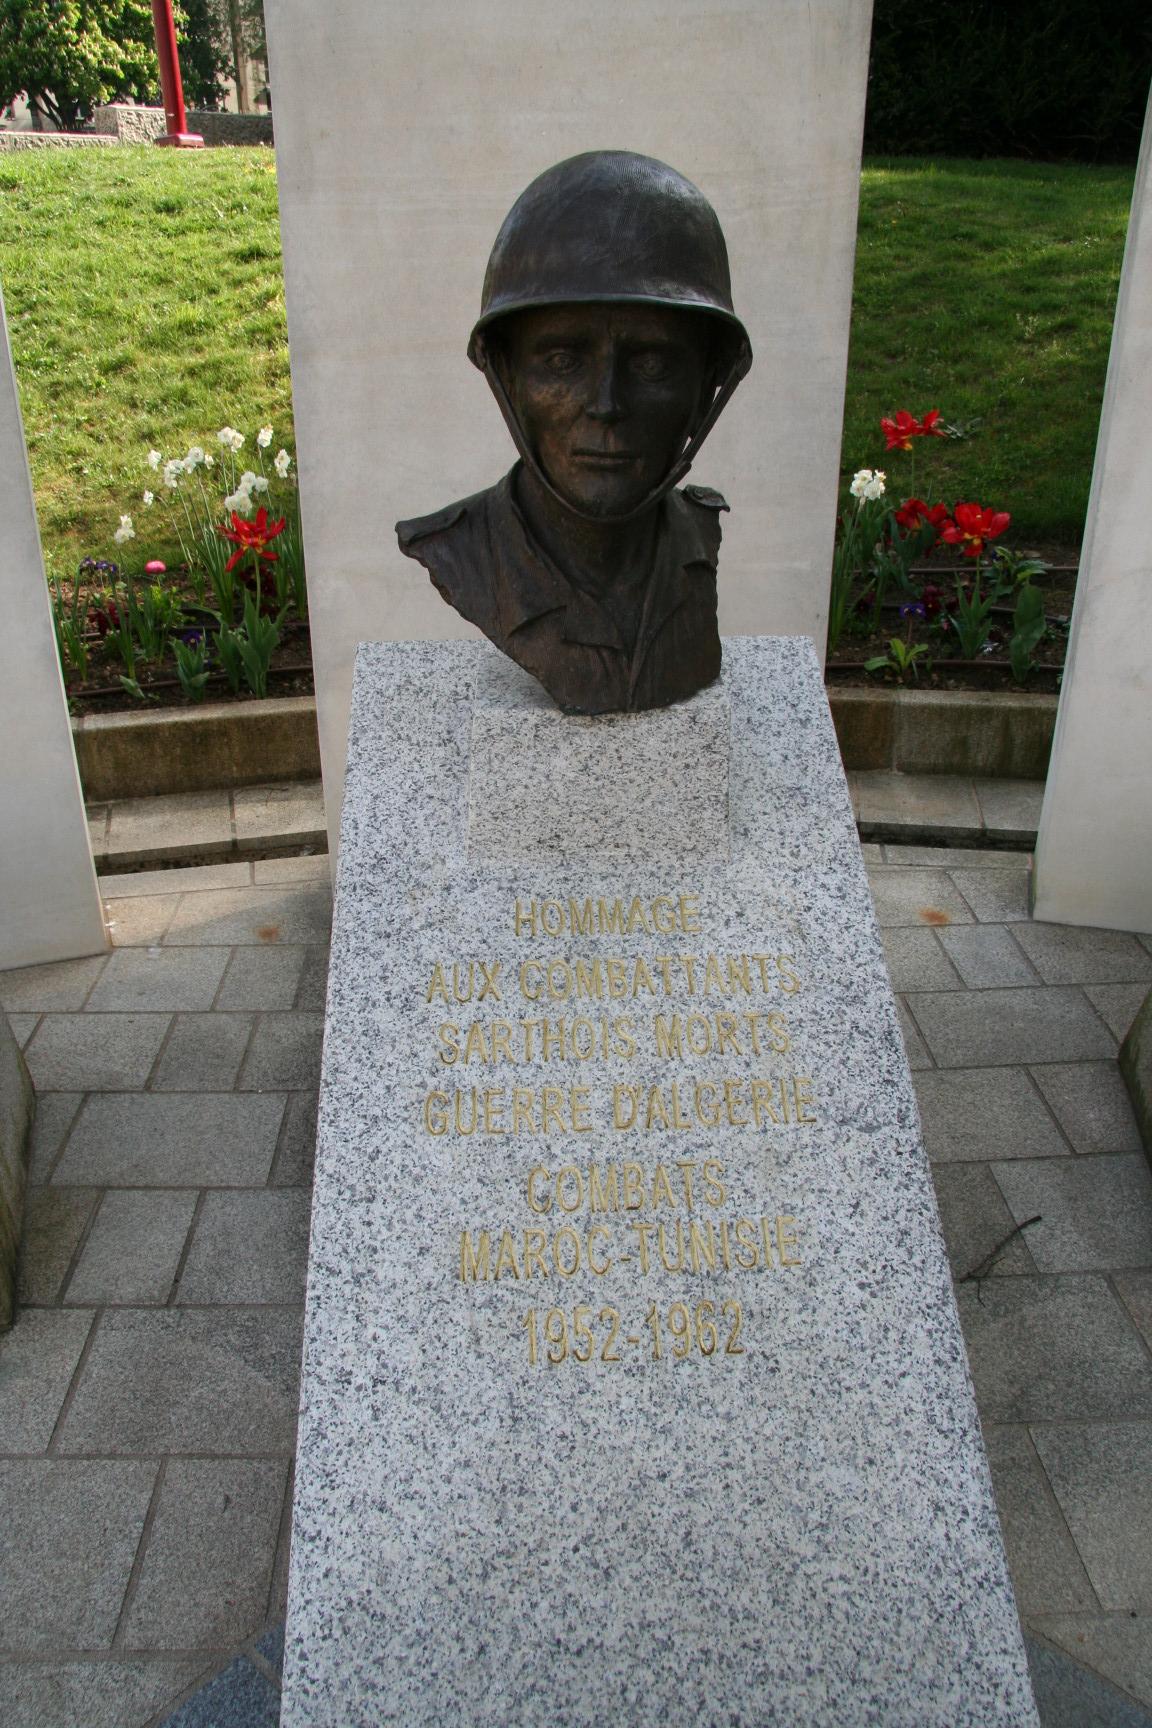 Le Mans en 2010 - Monument commémoratif - Place Aristide Briand - Hommage aux combattants sarthois morts - Guerre d'Algérie, Combats Maroc et Tunisie - Vue 02 (Sylvie Leveau)